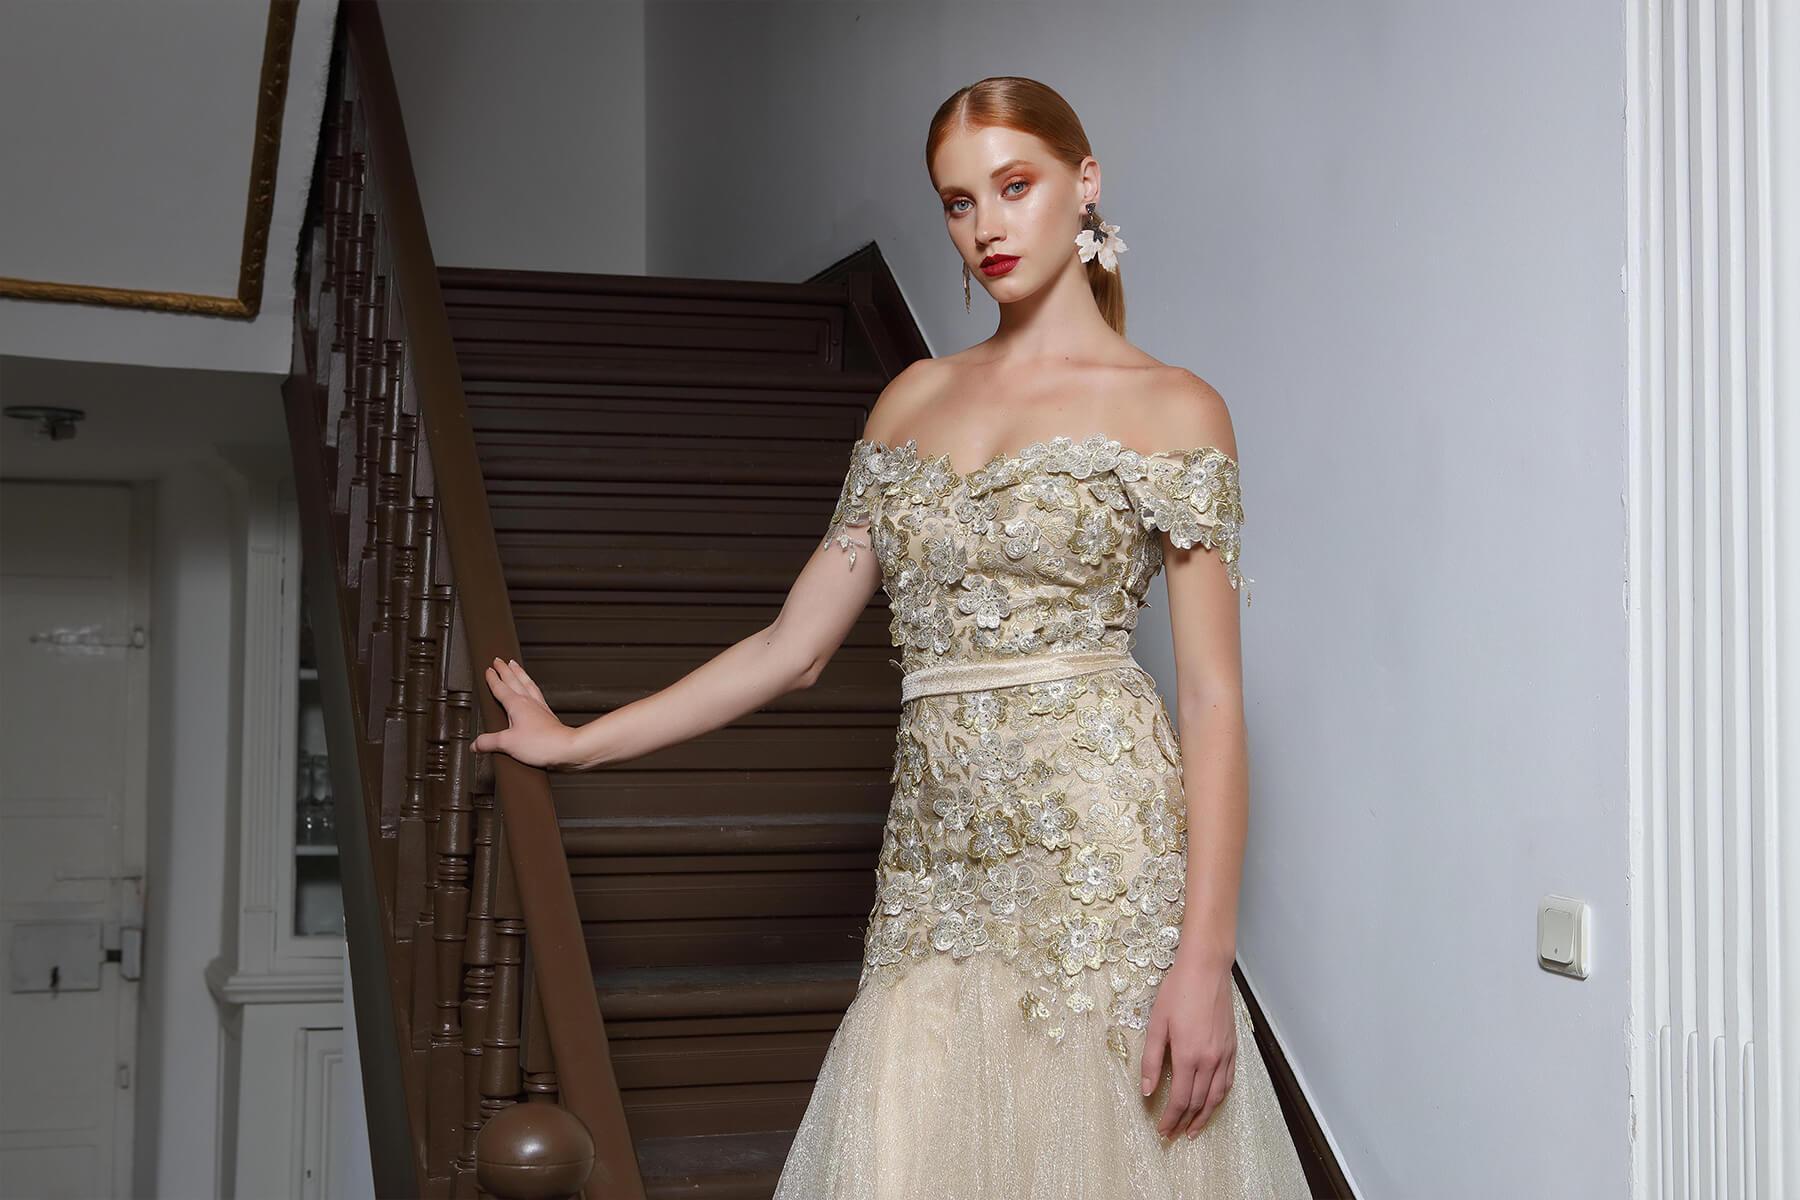 17 Coolste Abendkleider Wiesbaden Stylish13 Luxurius Abendkleider Wiesbaden Design